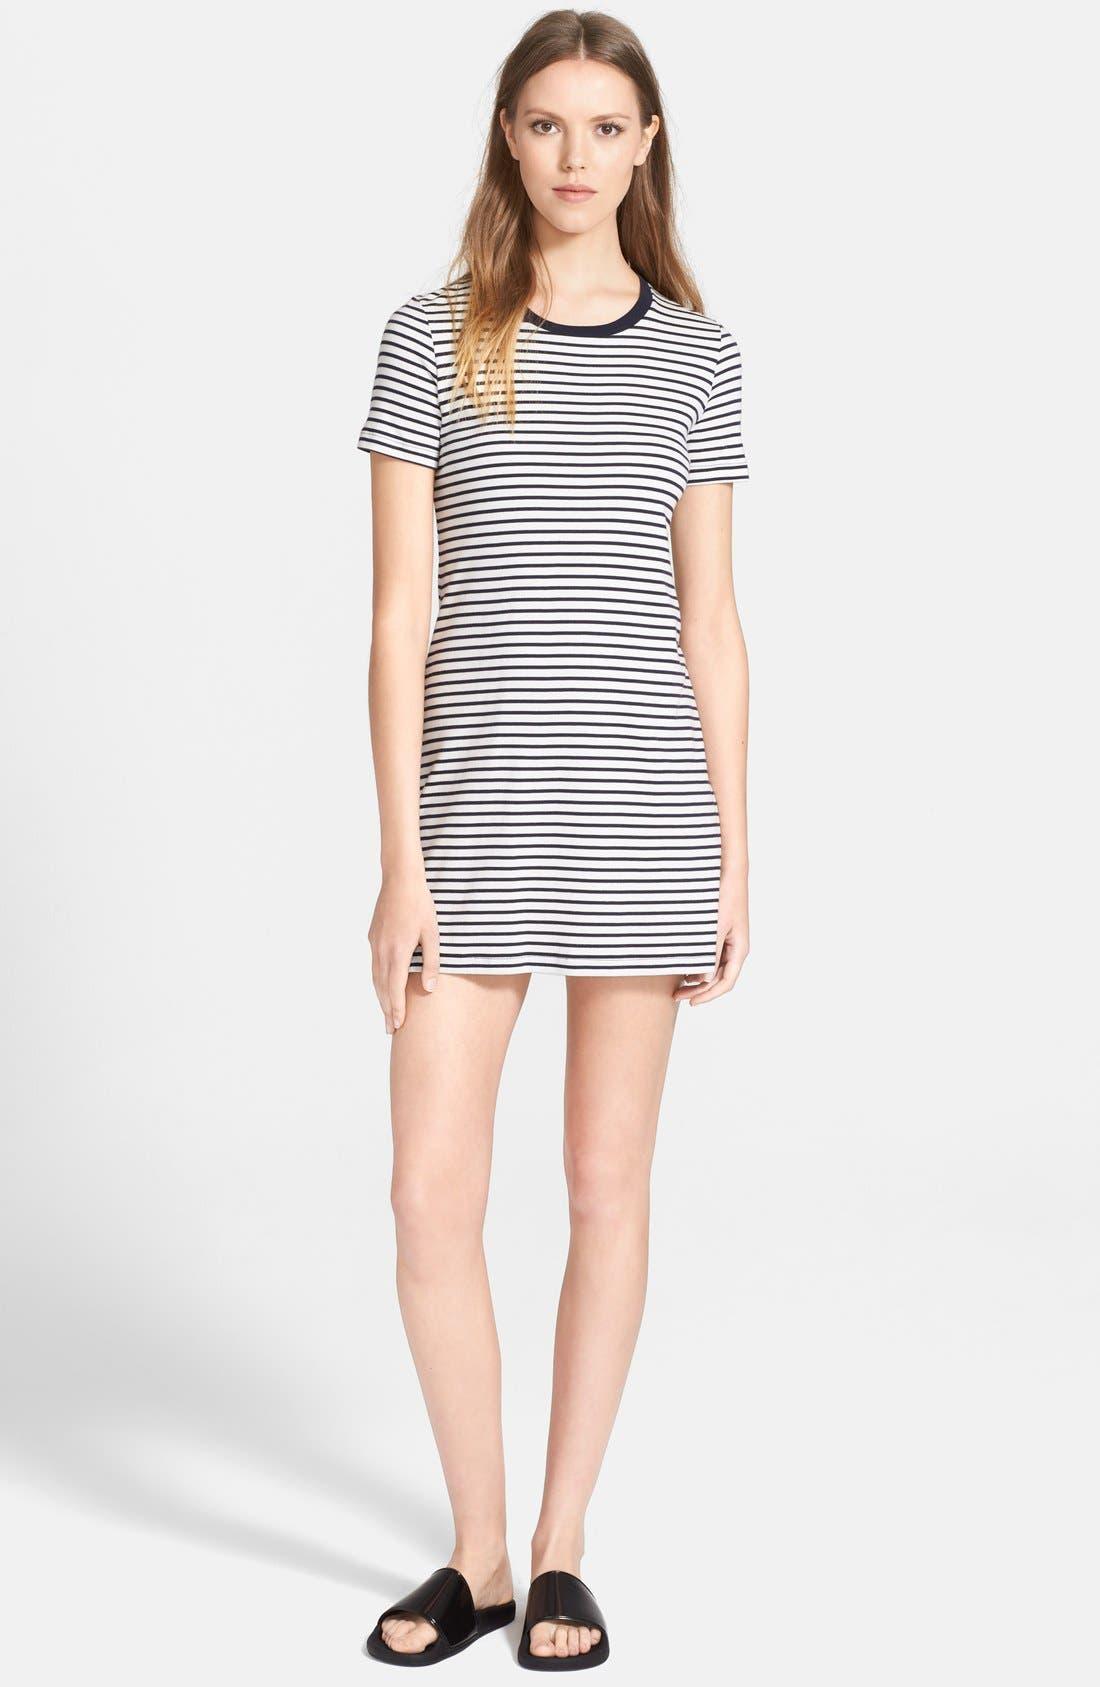 Main Image - Theory 'Cherry' Stripe Pima Cotton T-Shirt Dress